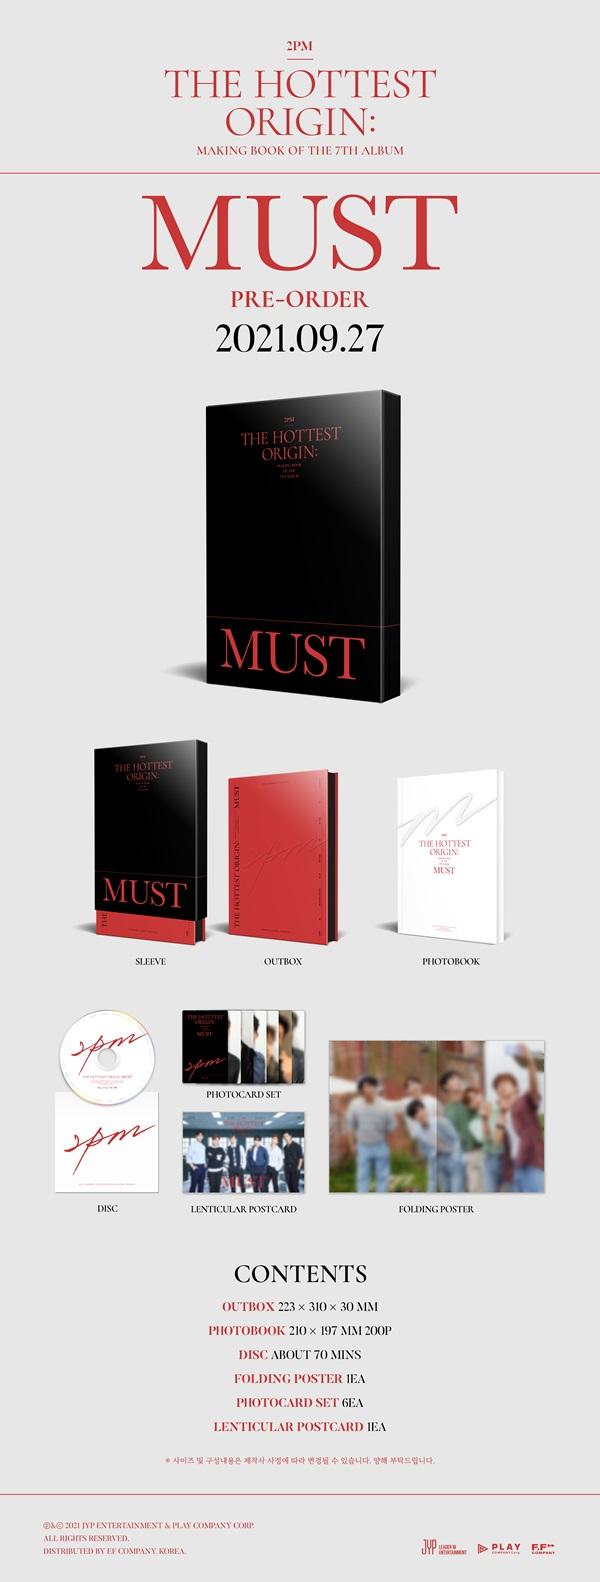 2PM THE HOTTEST ORIGIN: MUST MAKING BOOK [BOOK+DVD]_2